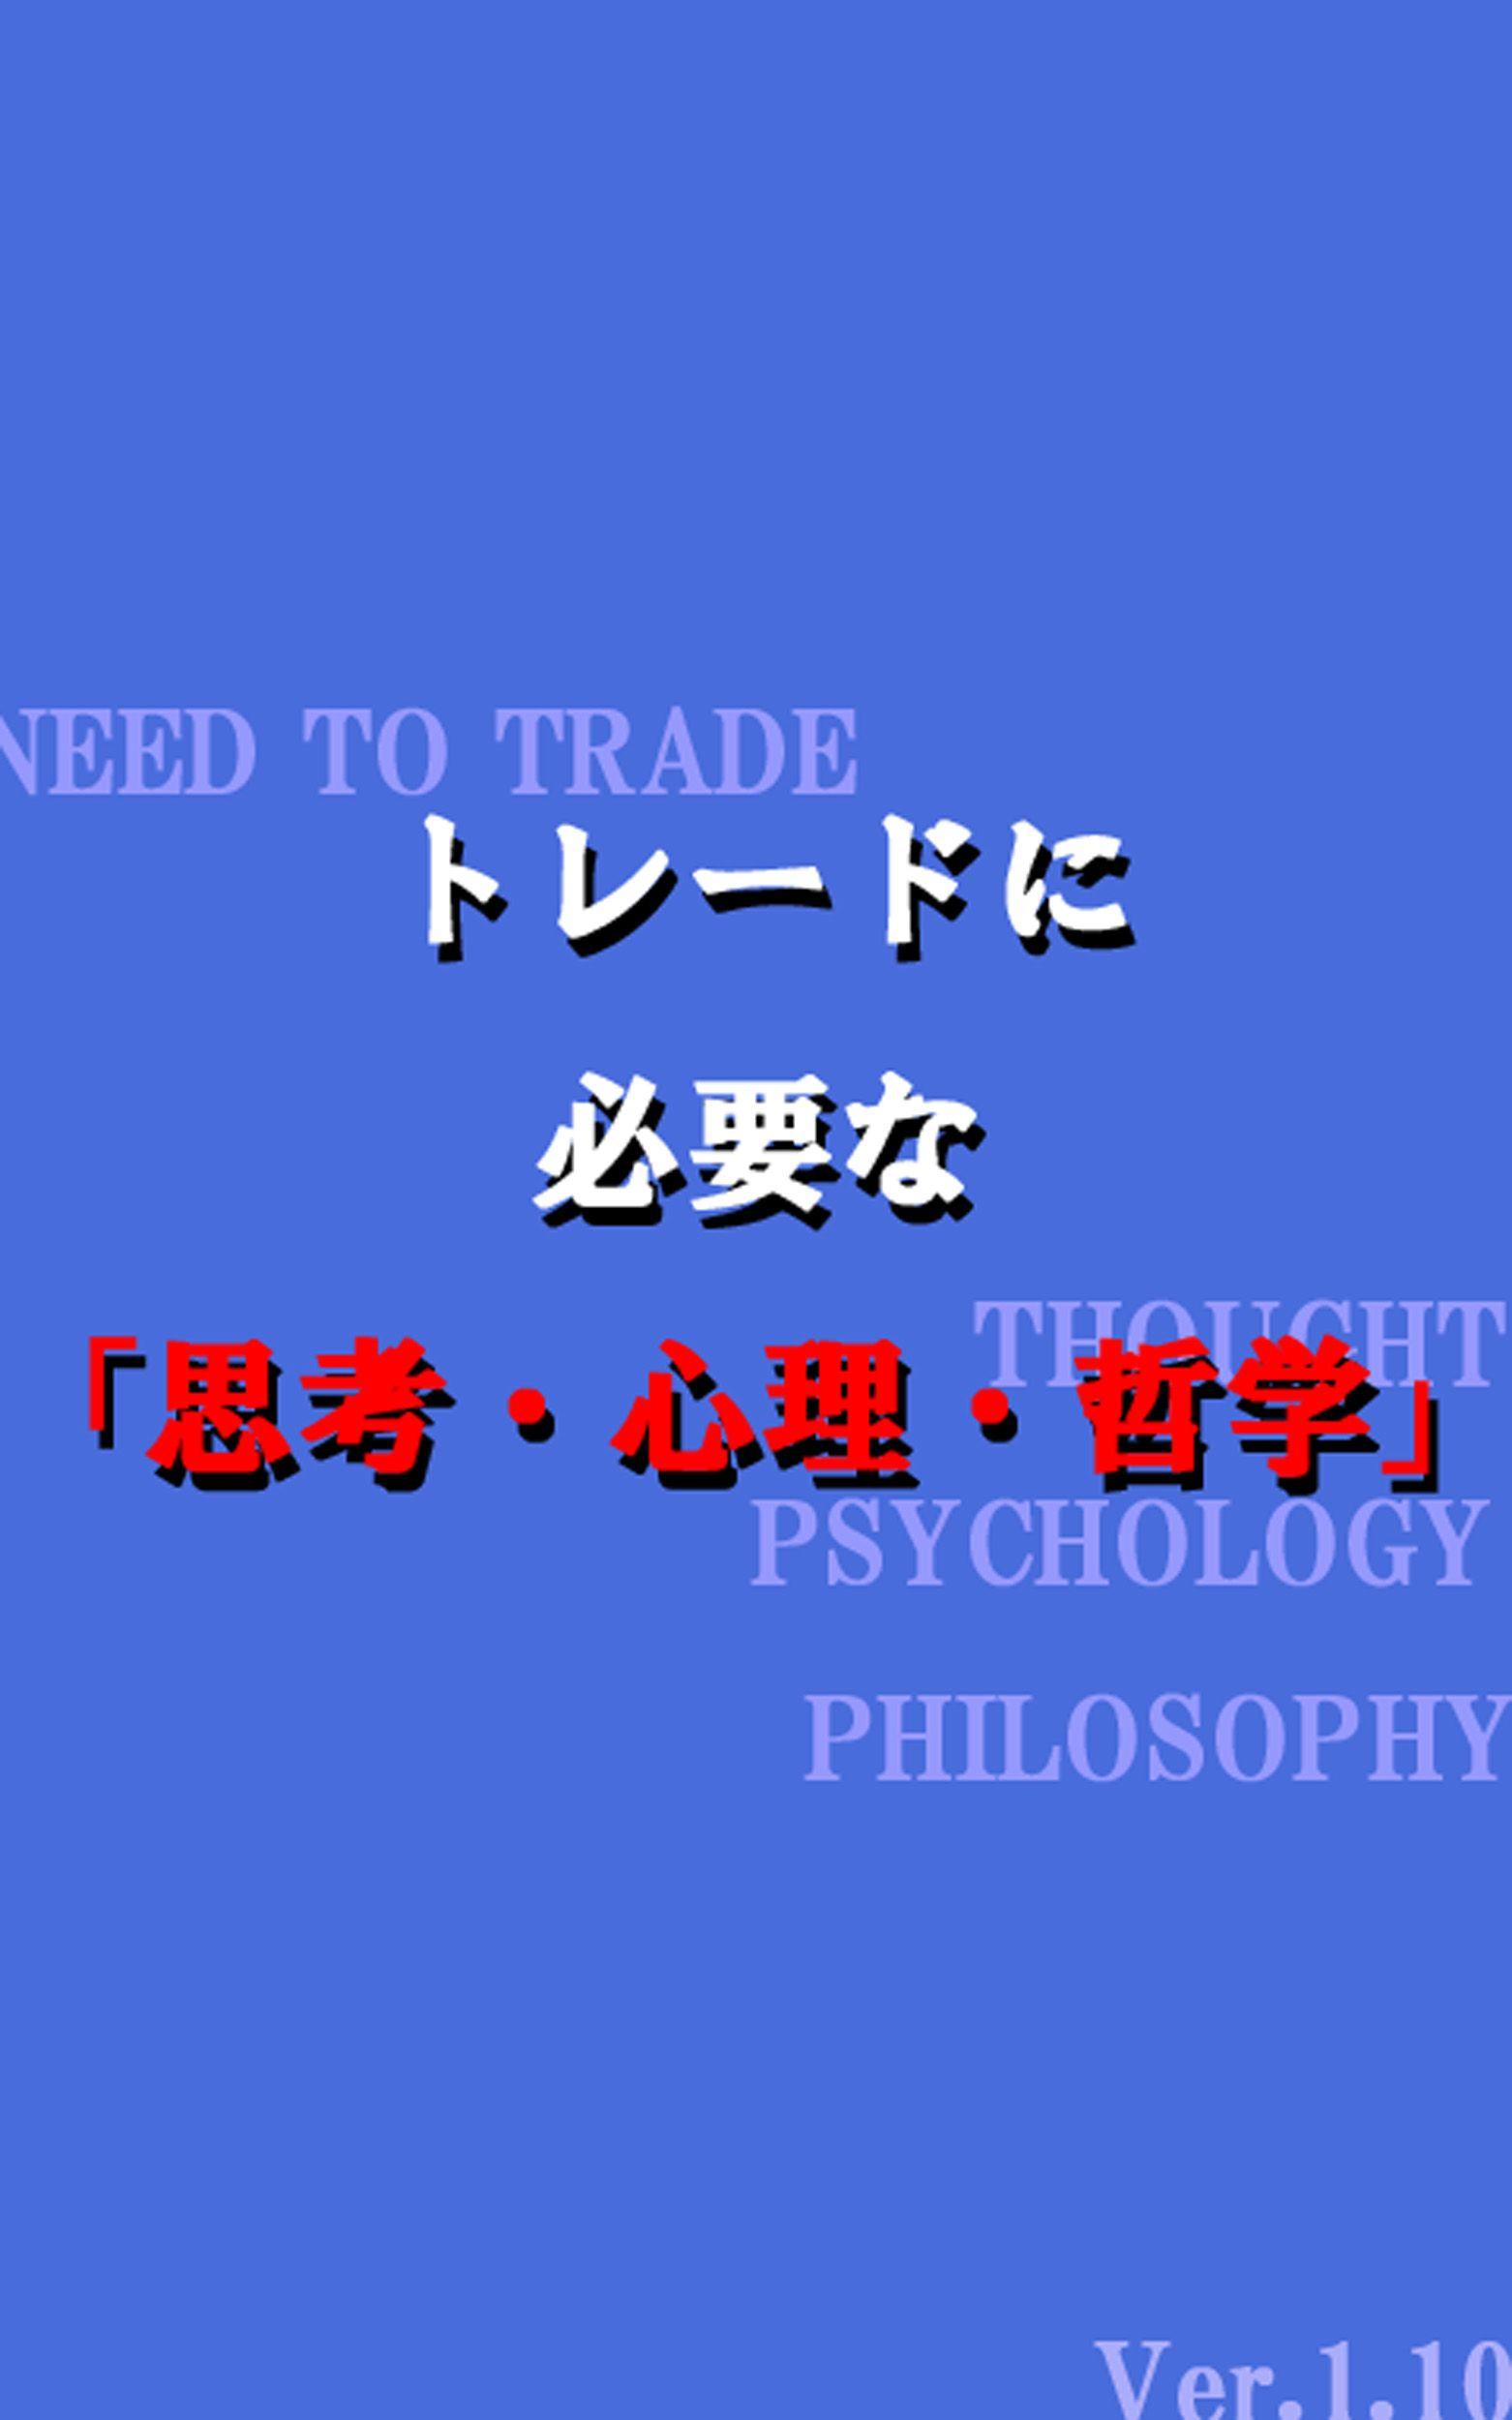 トレードに必要な「思考・心理・哲学」